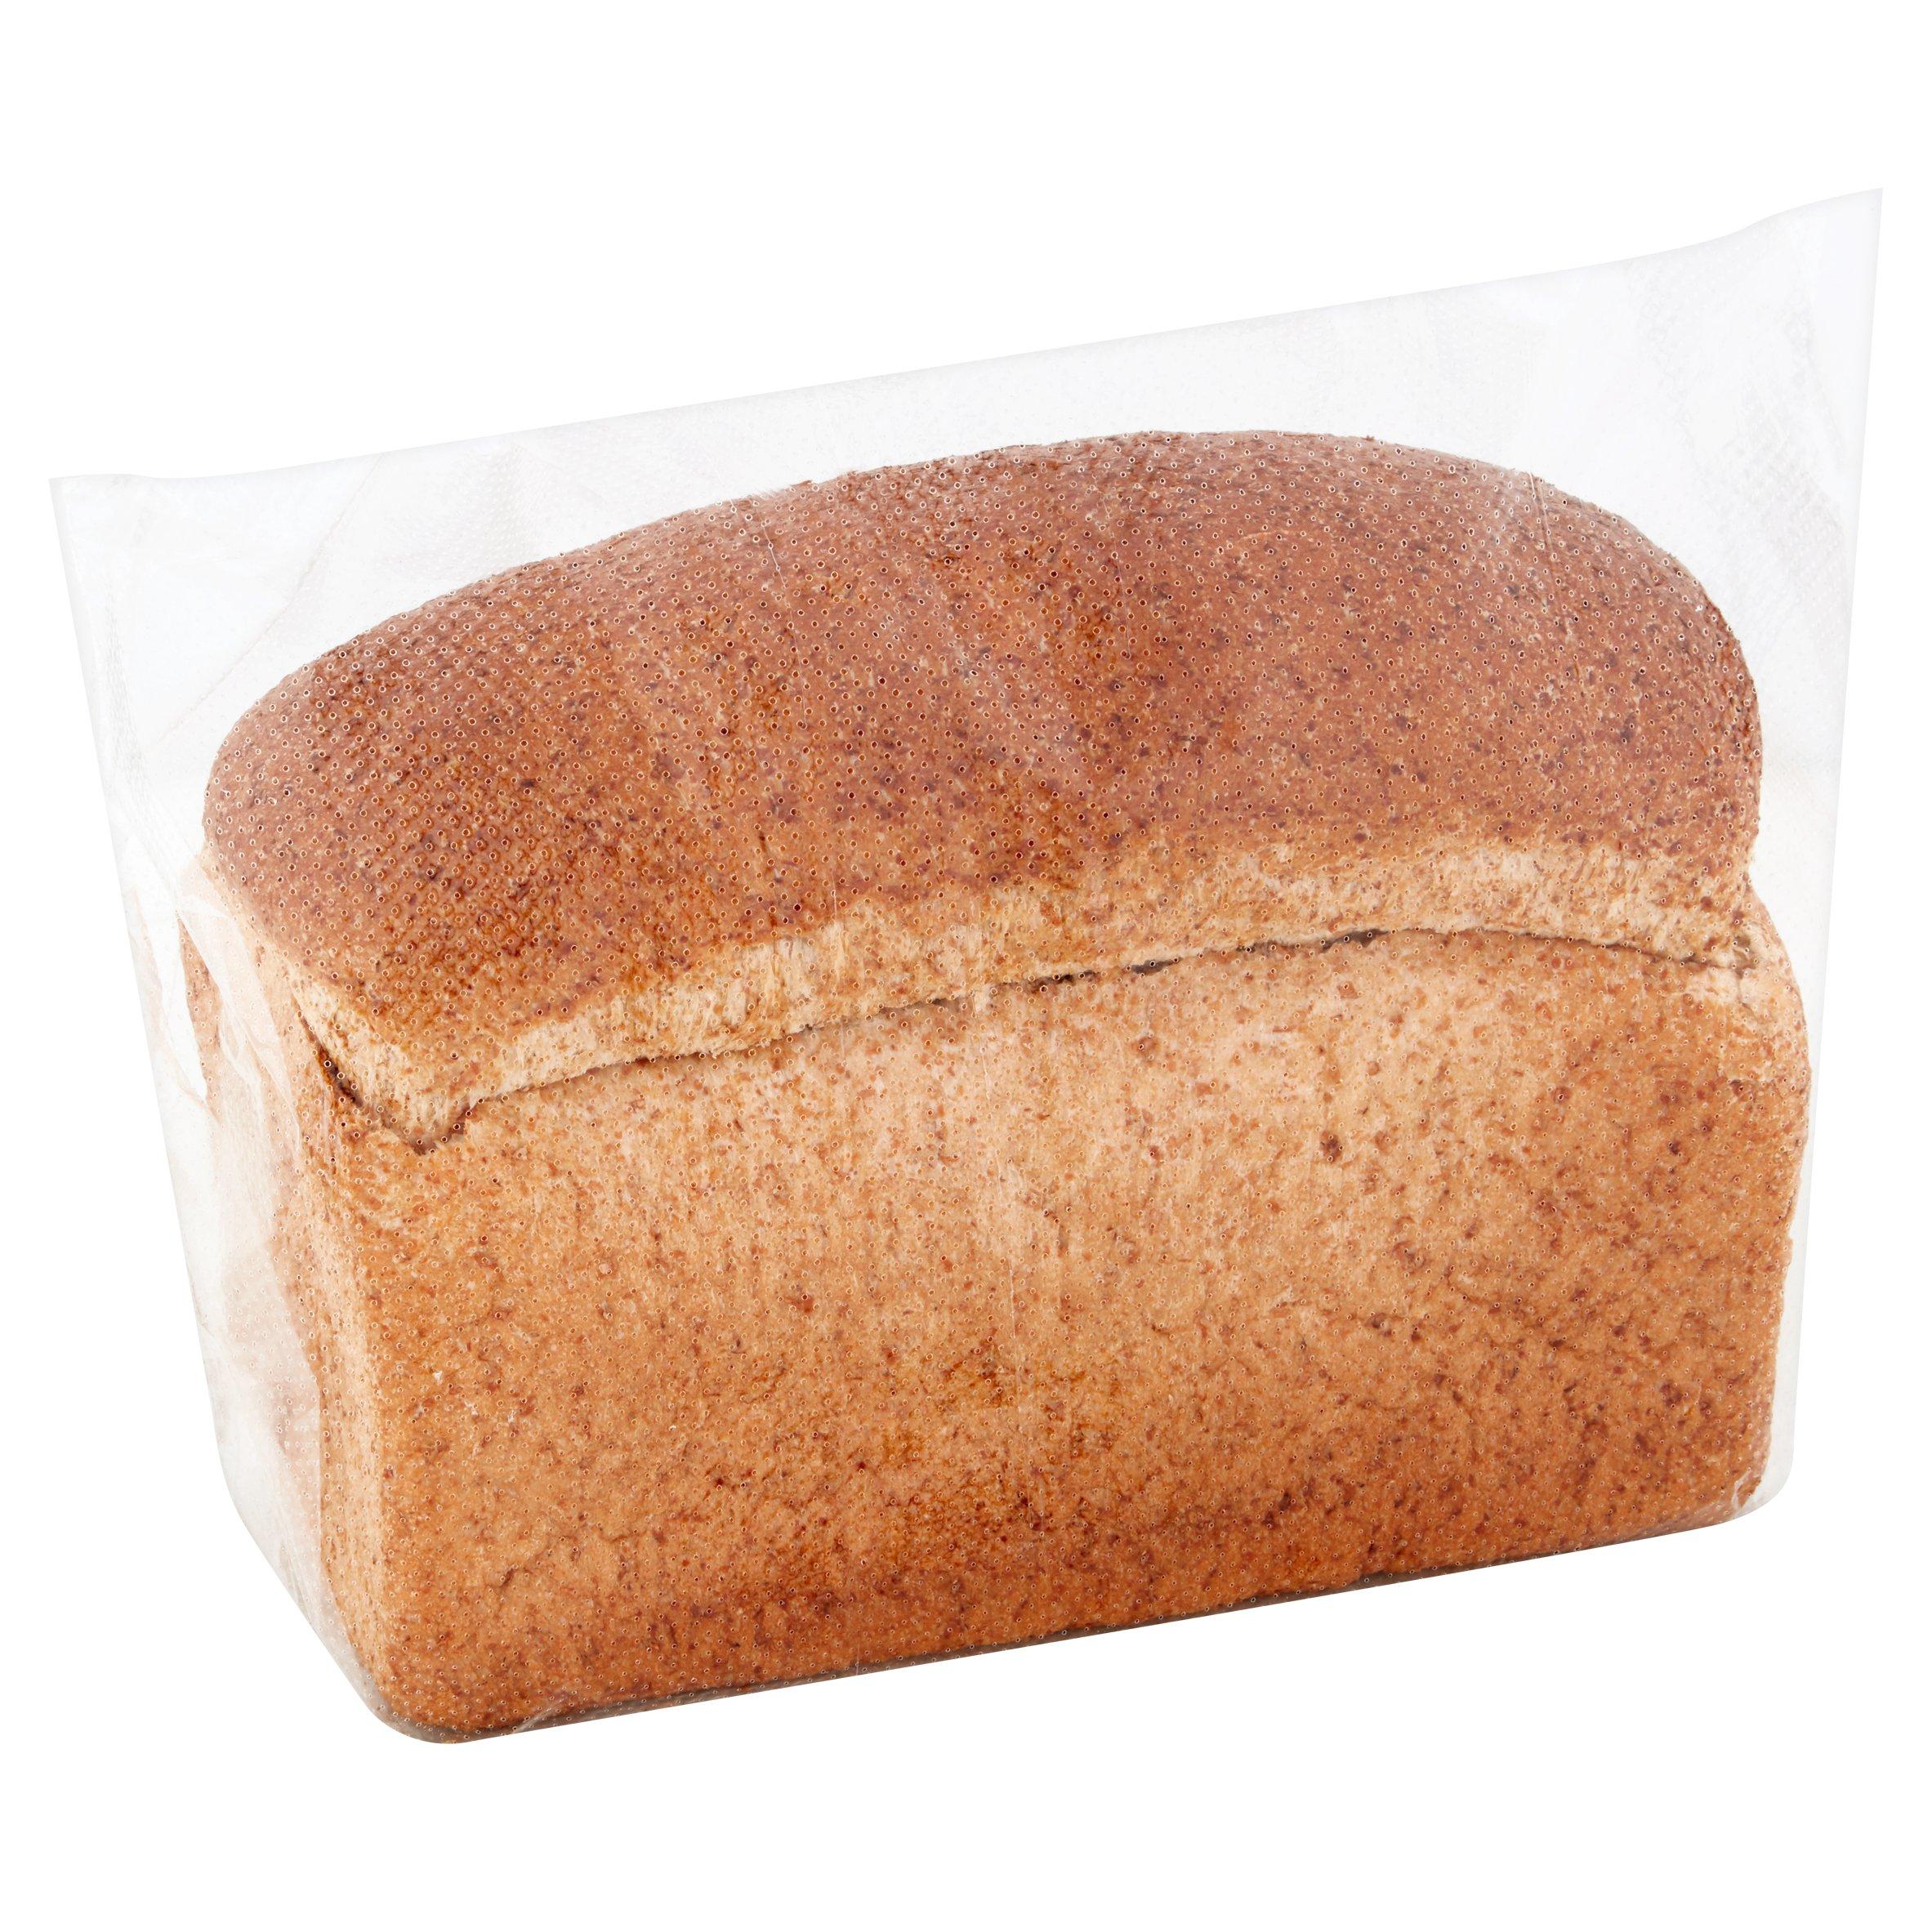 Wholemeal Loaf 400G